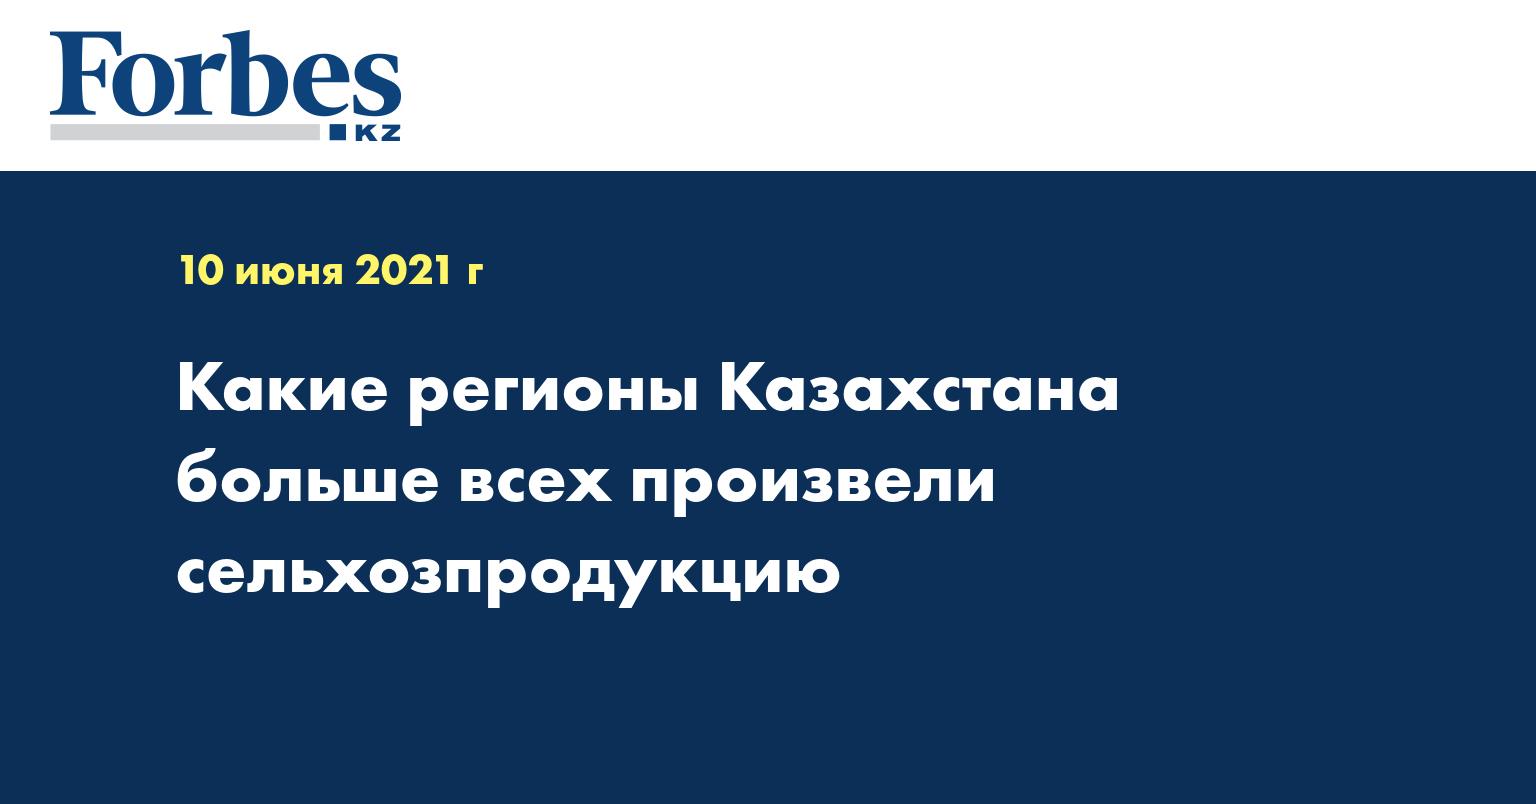 Какие регионы Казахстана больше всех произвели сельхозпродукцию